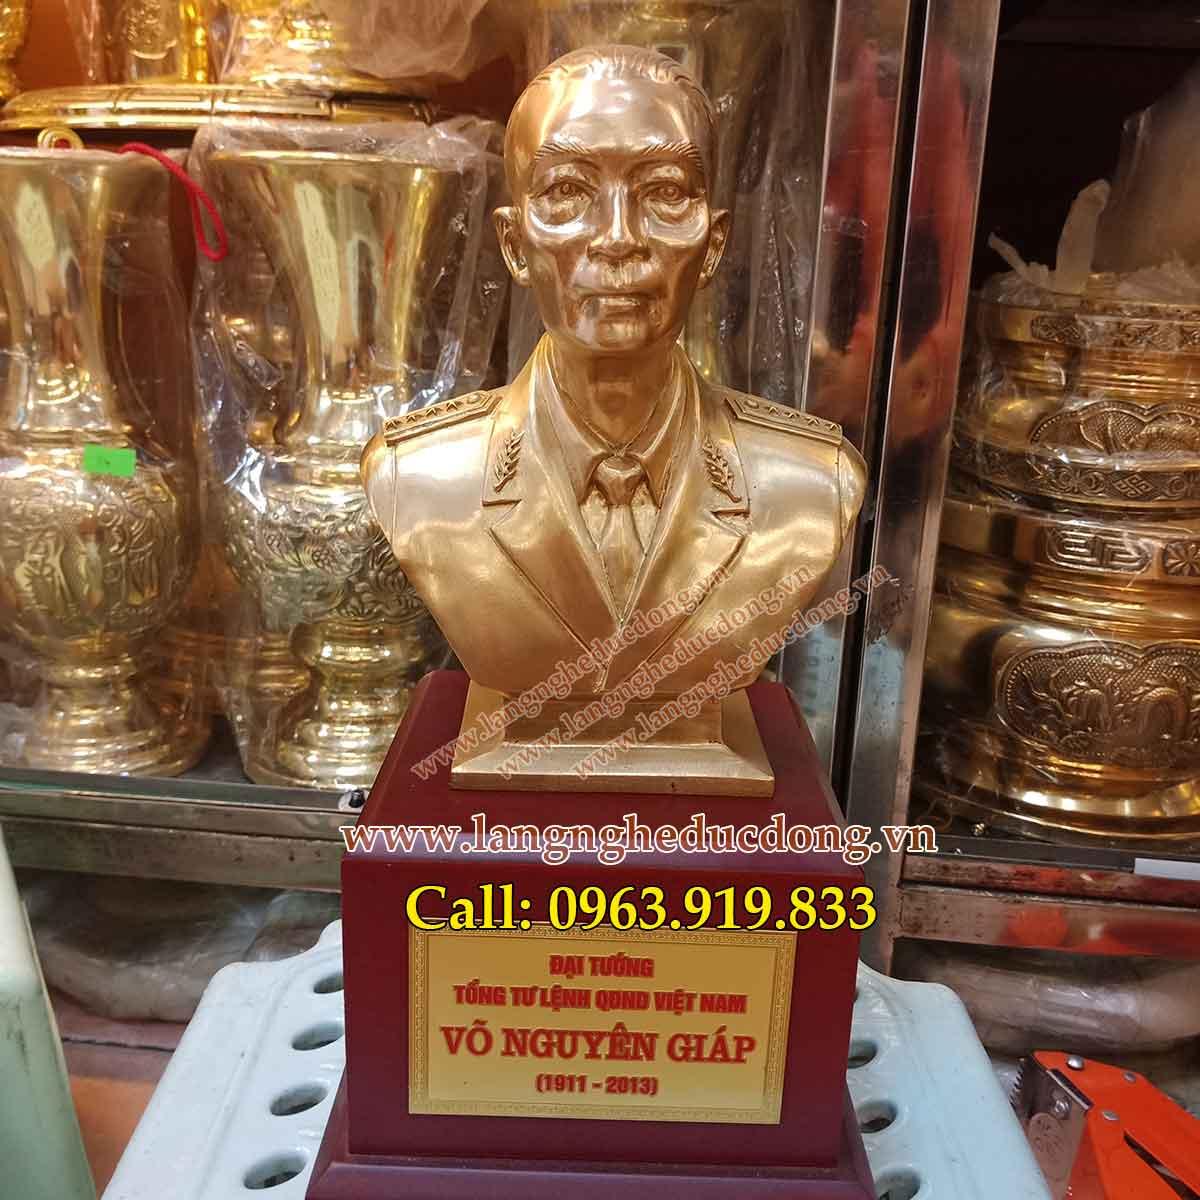 langngheducdong. vn tượng võ nguyên giáp bằng đồng vàng đúc công nghệ